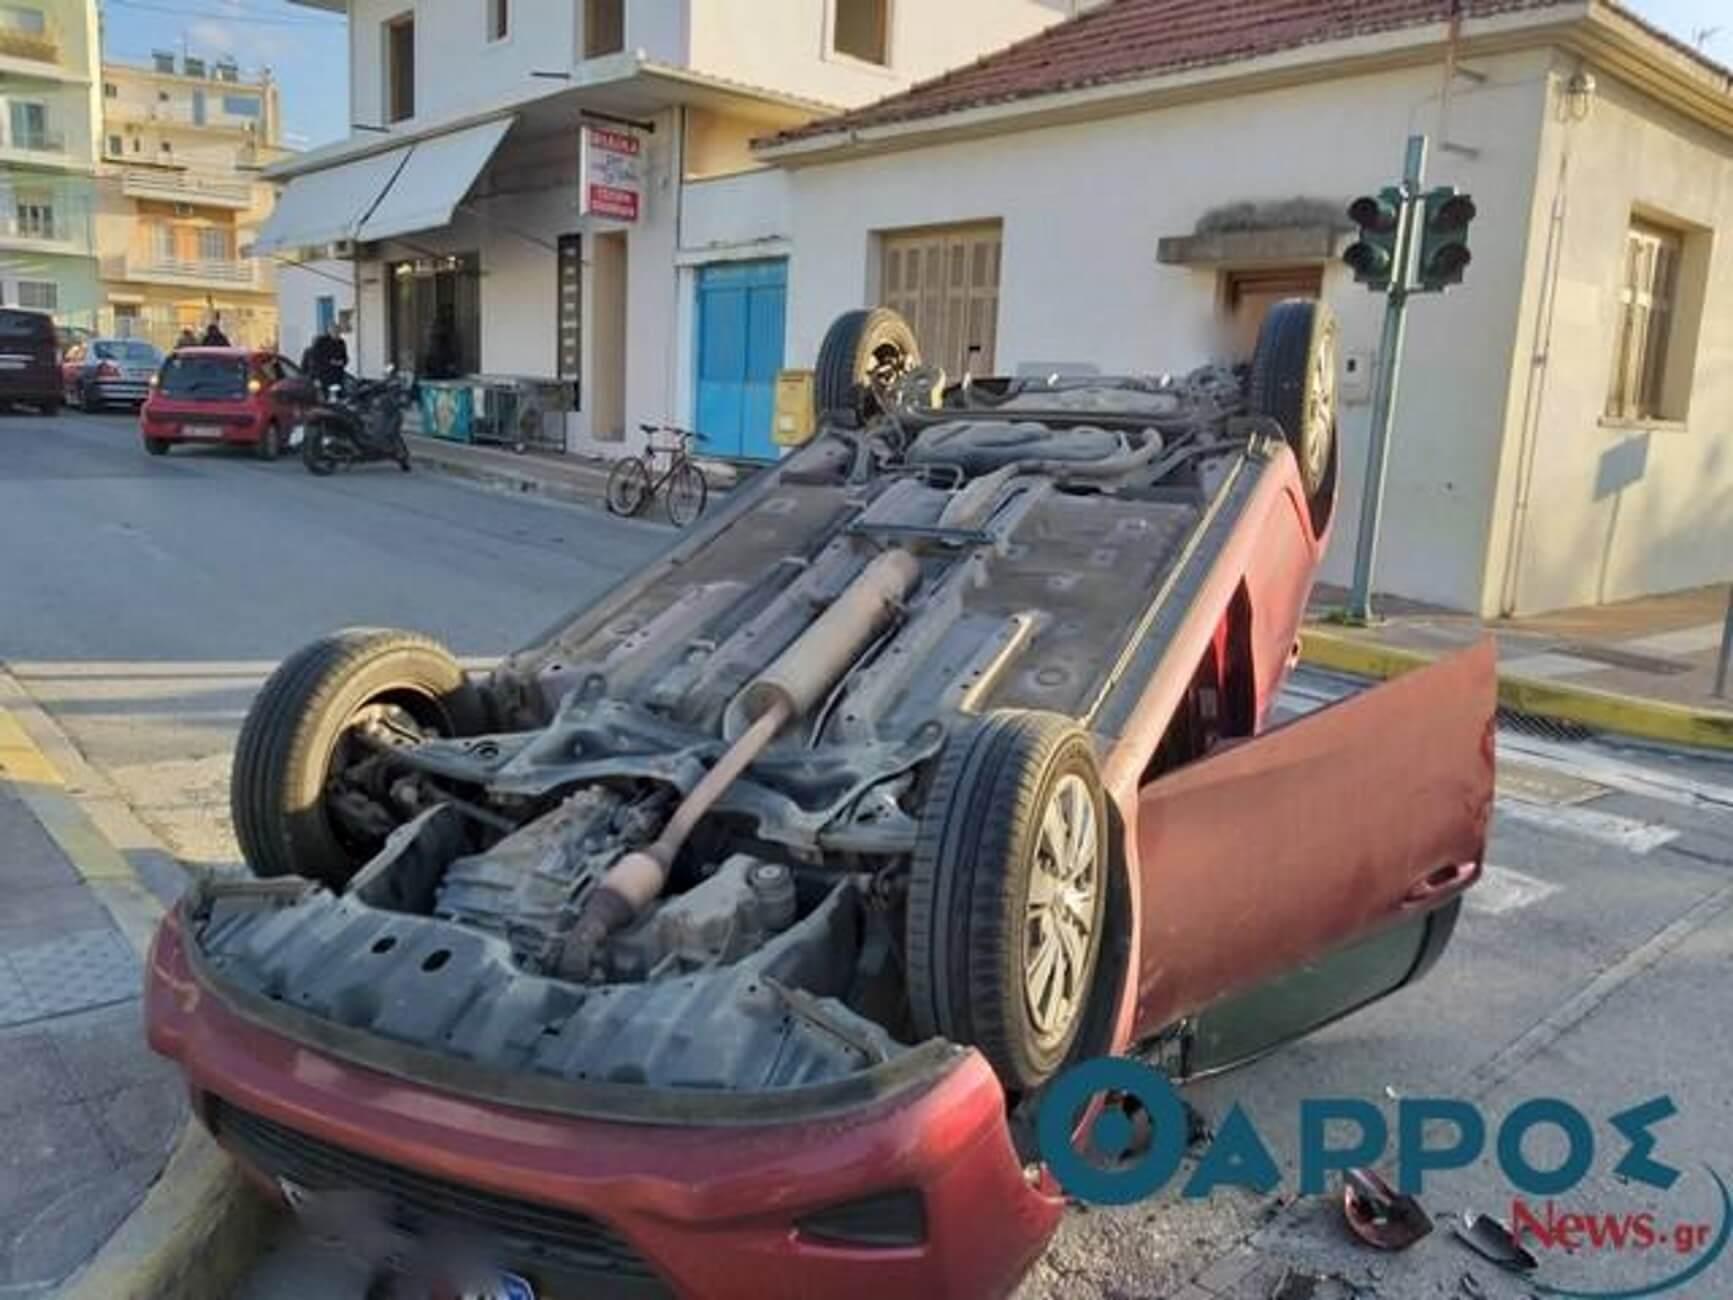 Καλαμάτα: Τροχαίο με ανατροπή αυτοκινήτου μπροστά σε μικρούς μαθητές – Οι εικόνες στην είσοδο σχολείου [pics]